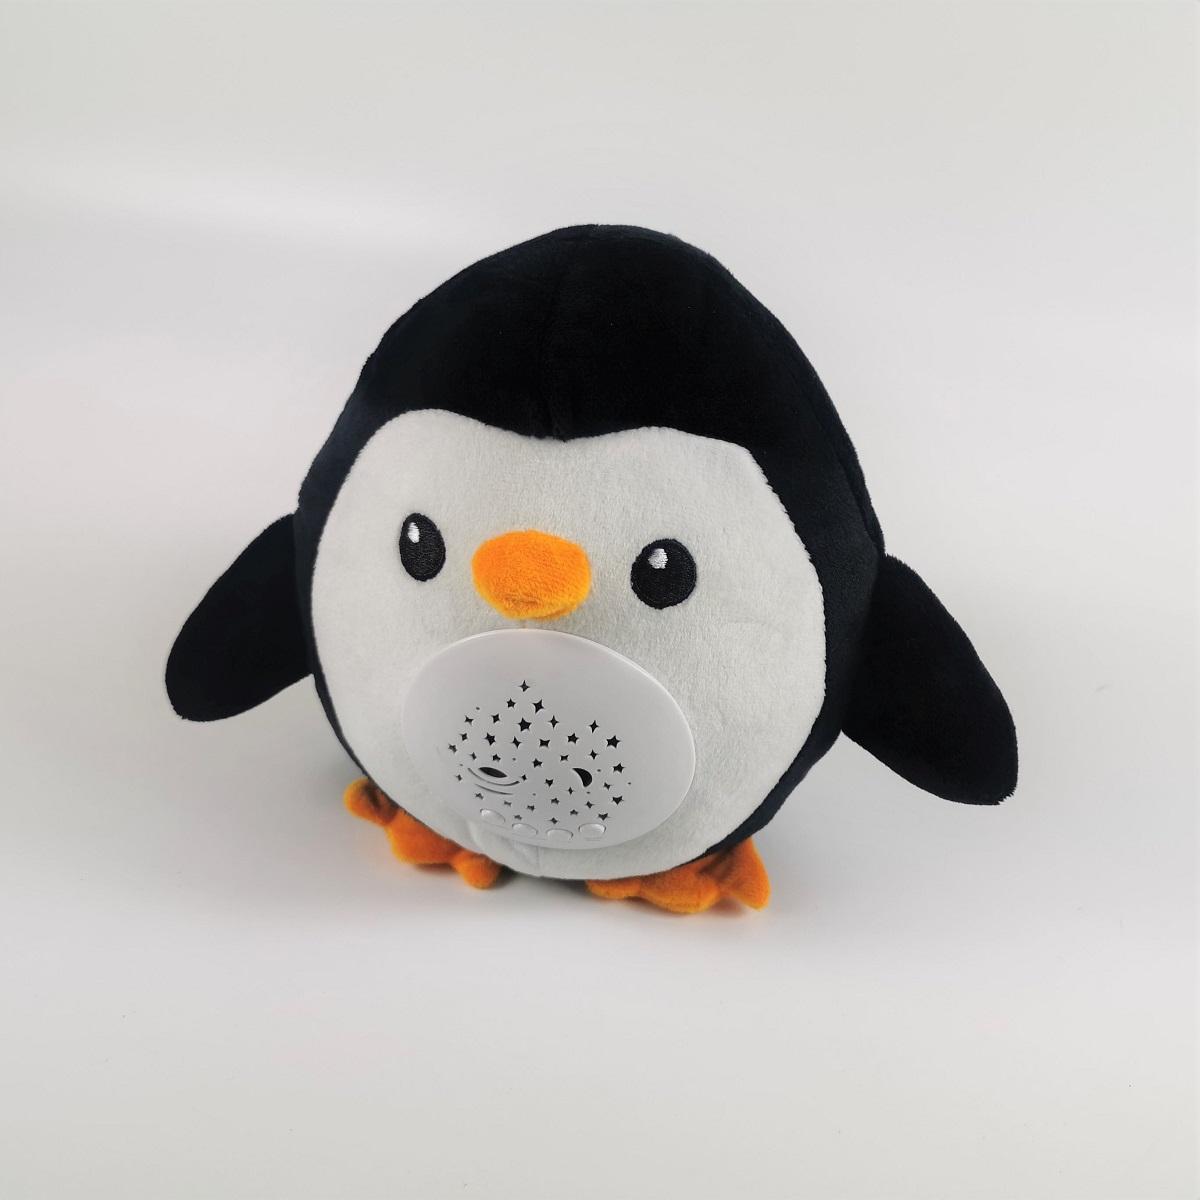 寝かしつけ ぬいぐるみ おもちゃ ペンギン 音声ライトユニットを取り外して、ぬいぐるみとしてもお使いいただけます。可愛くて、ねむねむ顔をしているペンギンです。抱っこしたら癒されます。